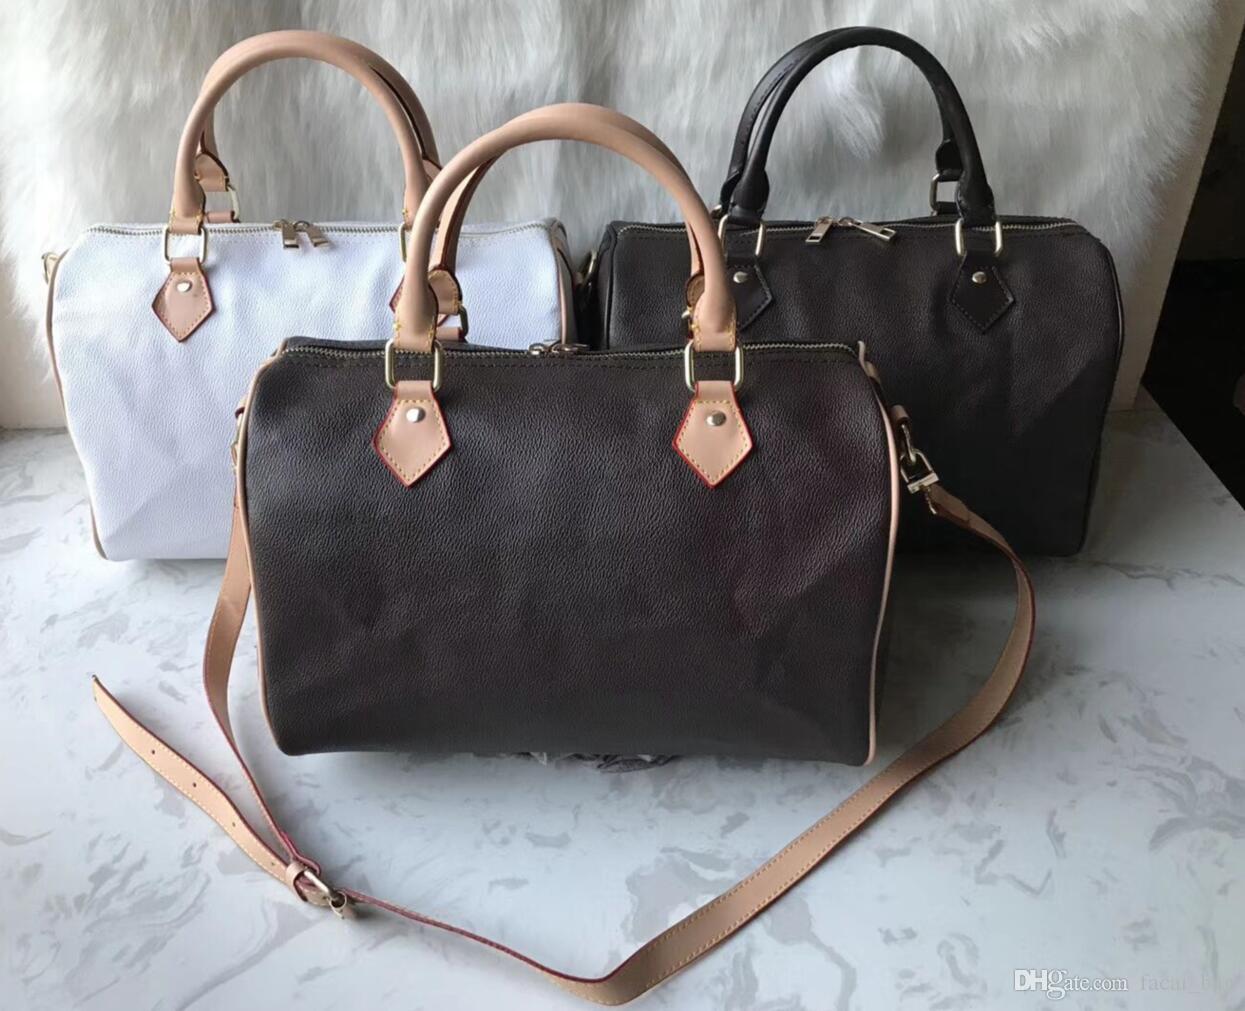 Femmes Sac messenger style classique sacs de mode femme sac Sacs à bandoulière sacs à main Lady Totes Speedy avec bandoulière, sac à poussière 85668